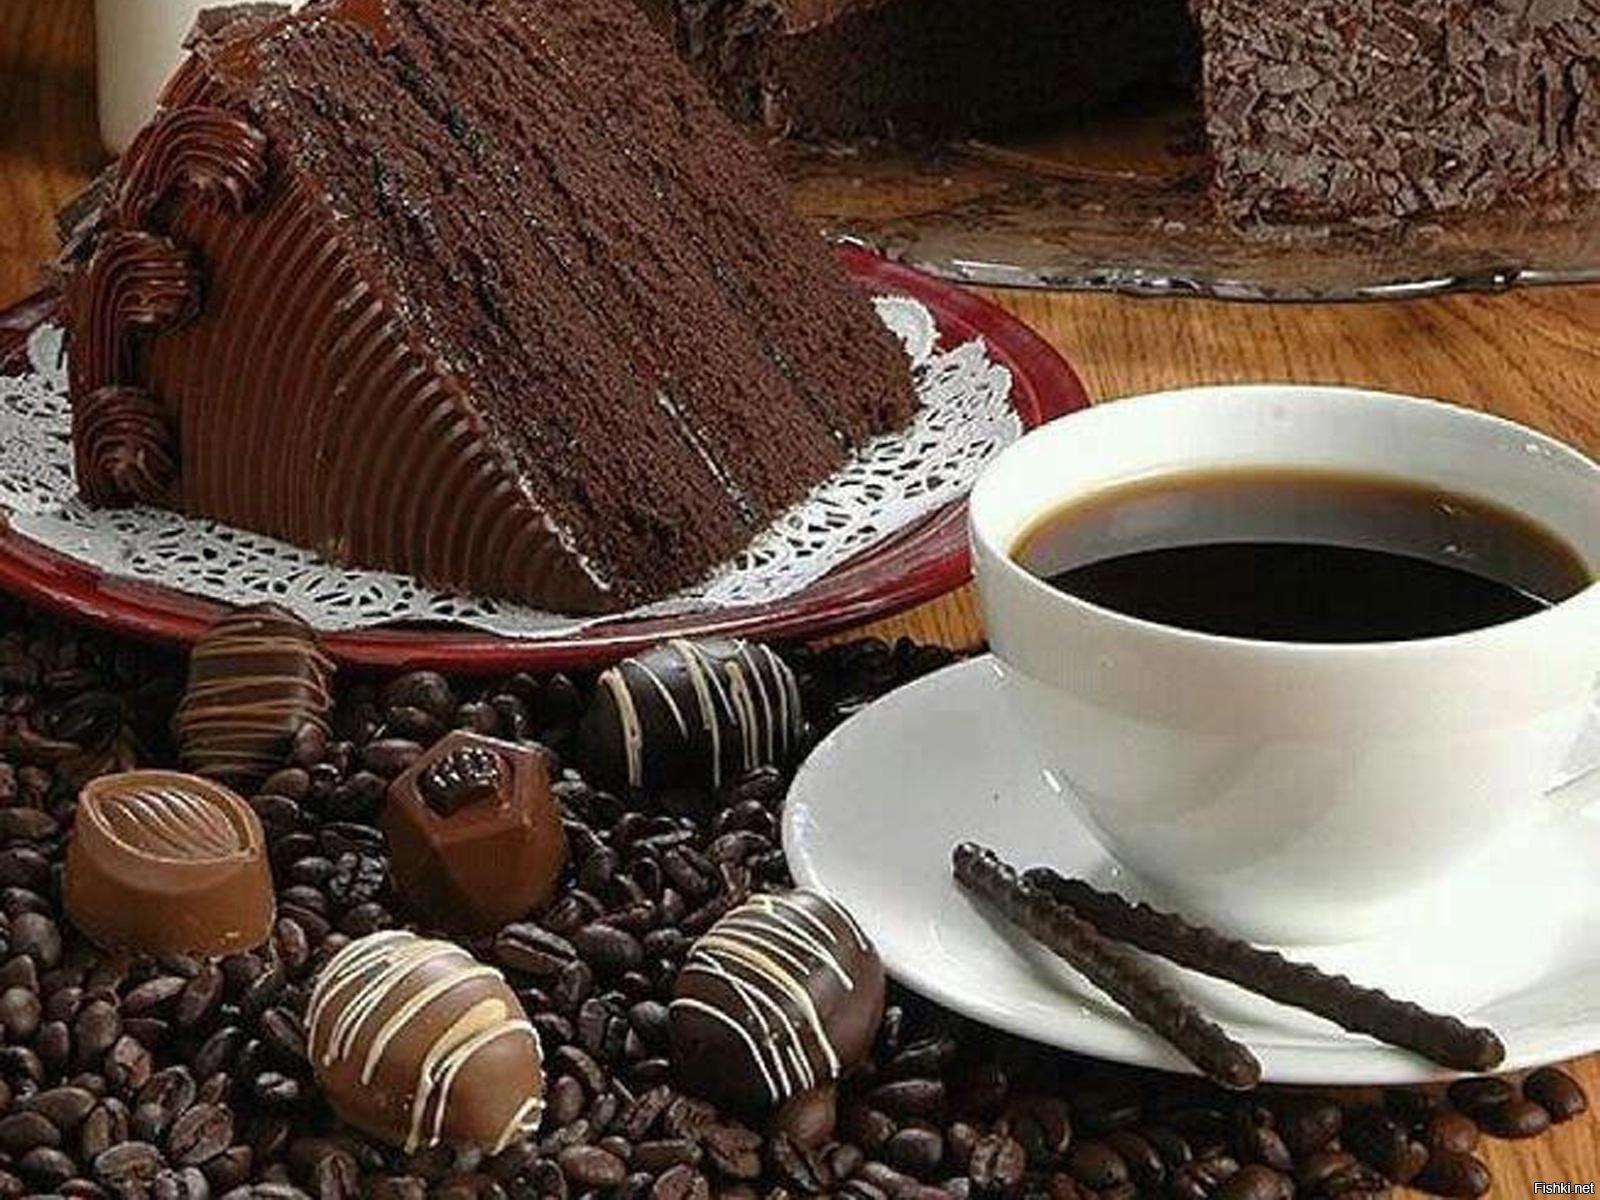 Шоколадка и чай в открытке